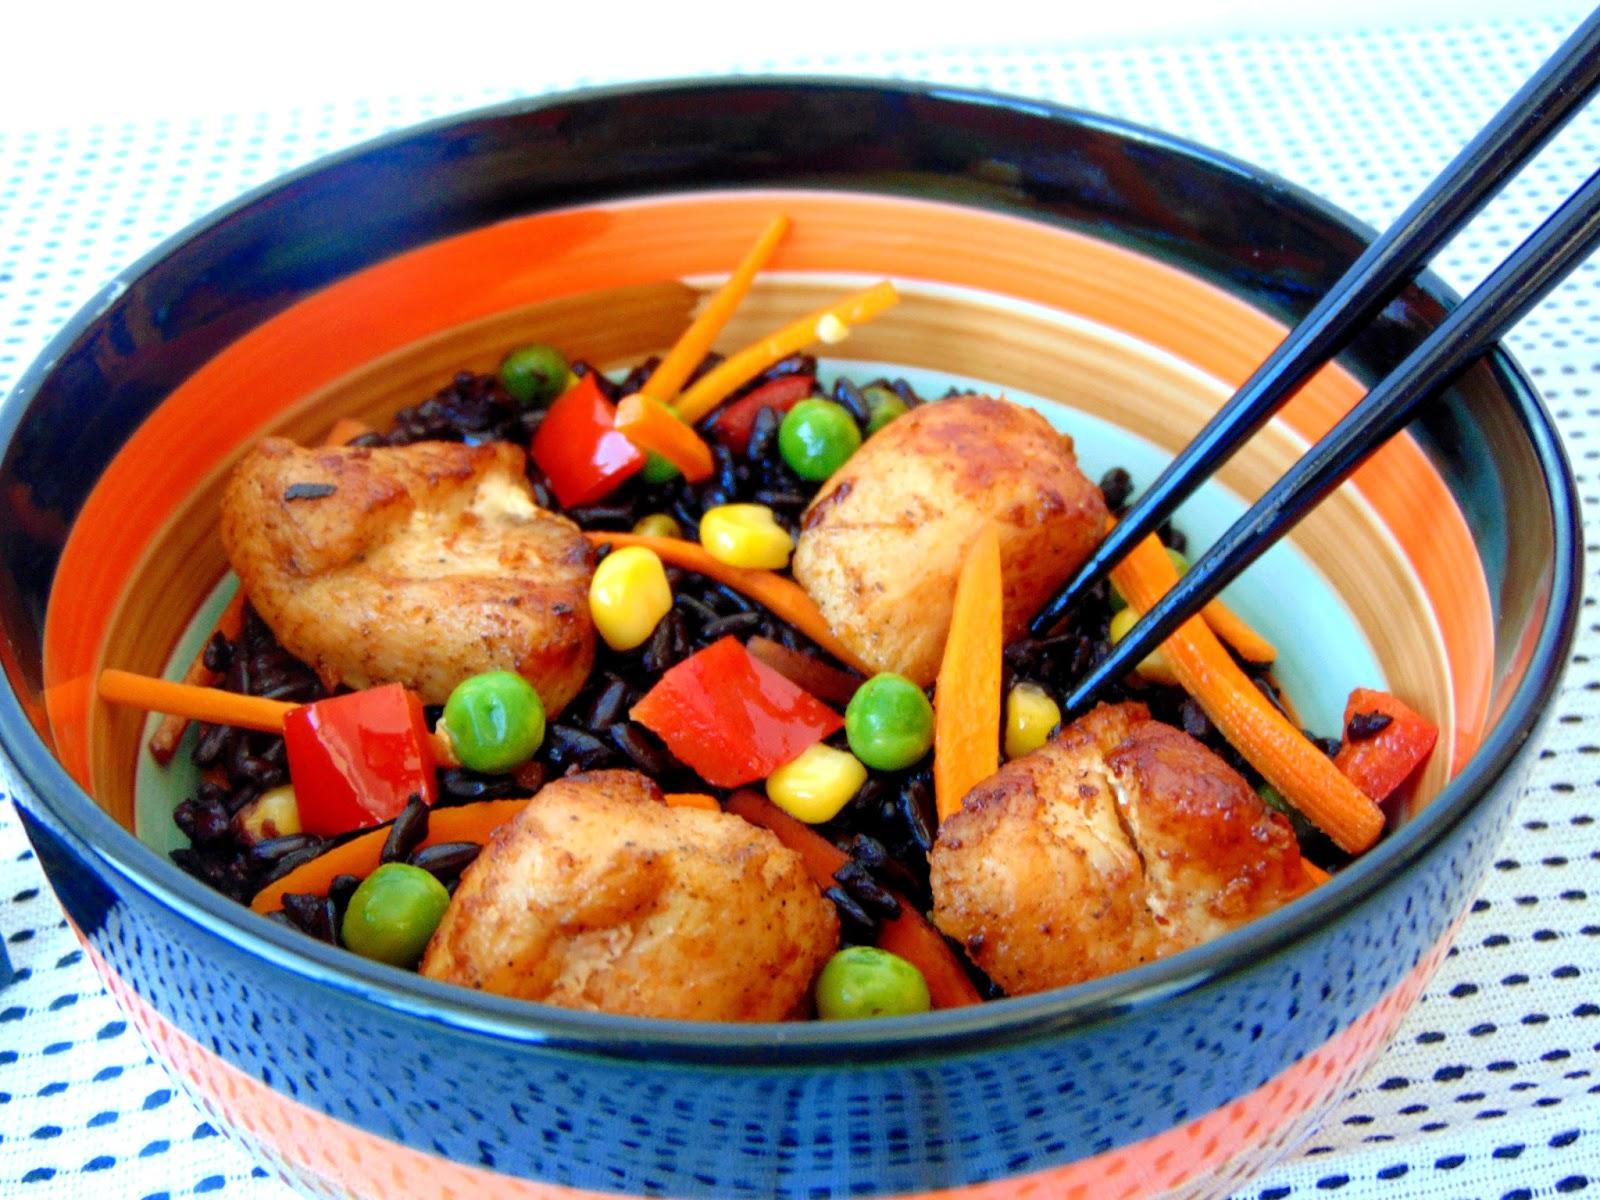 Piept-de-pui-cu-orez-negru-si-legume-3